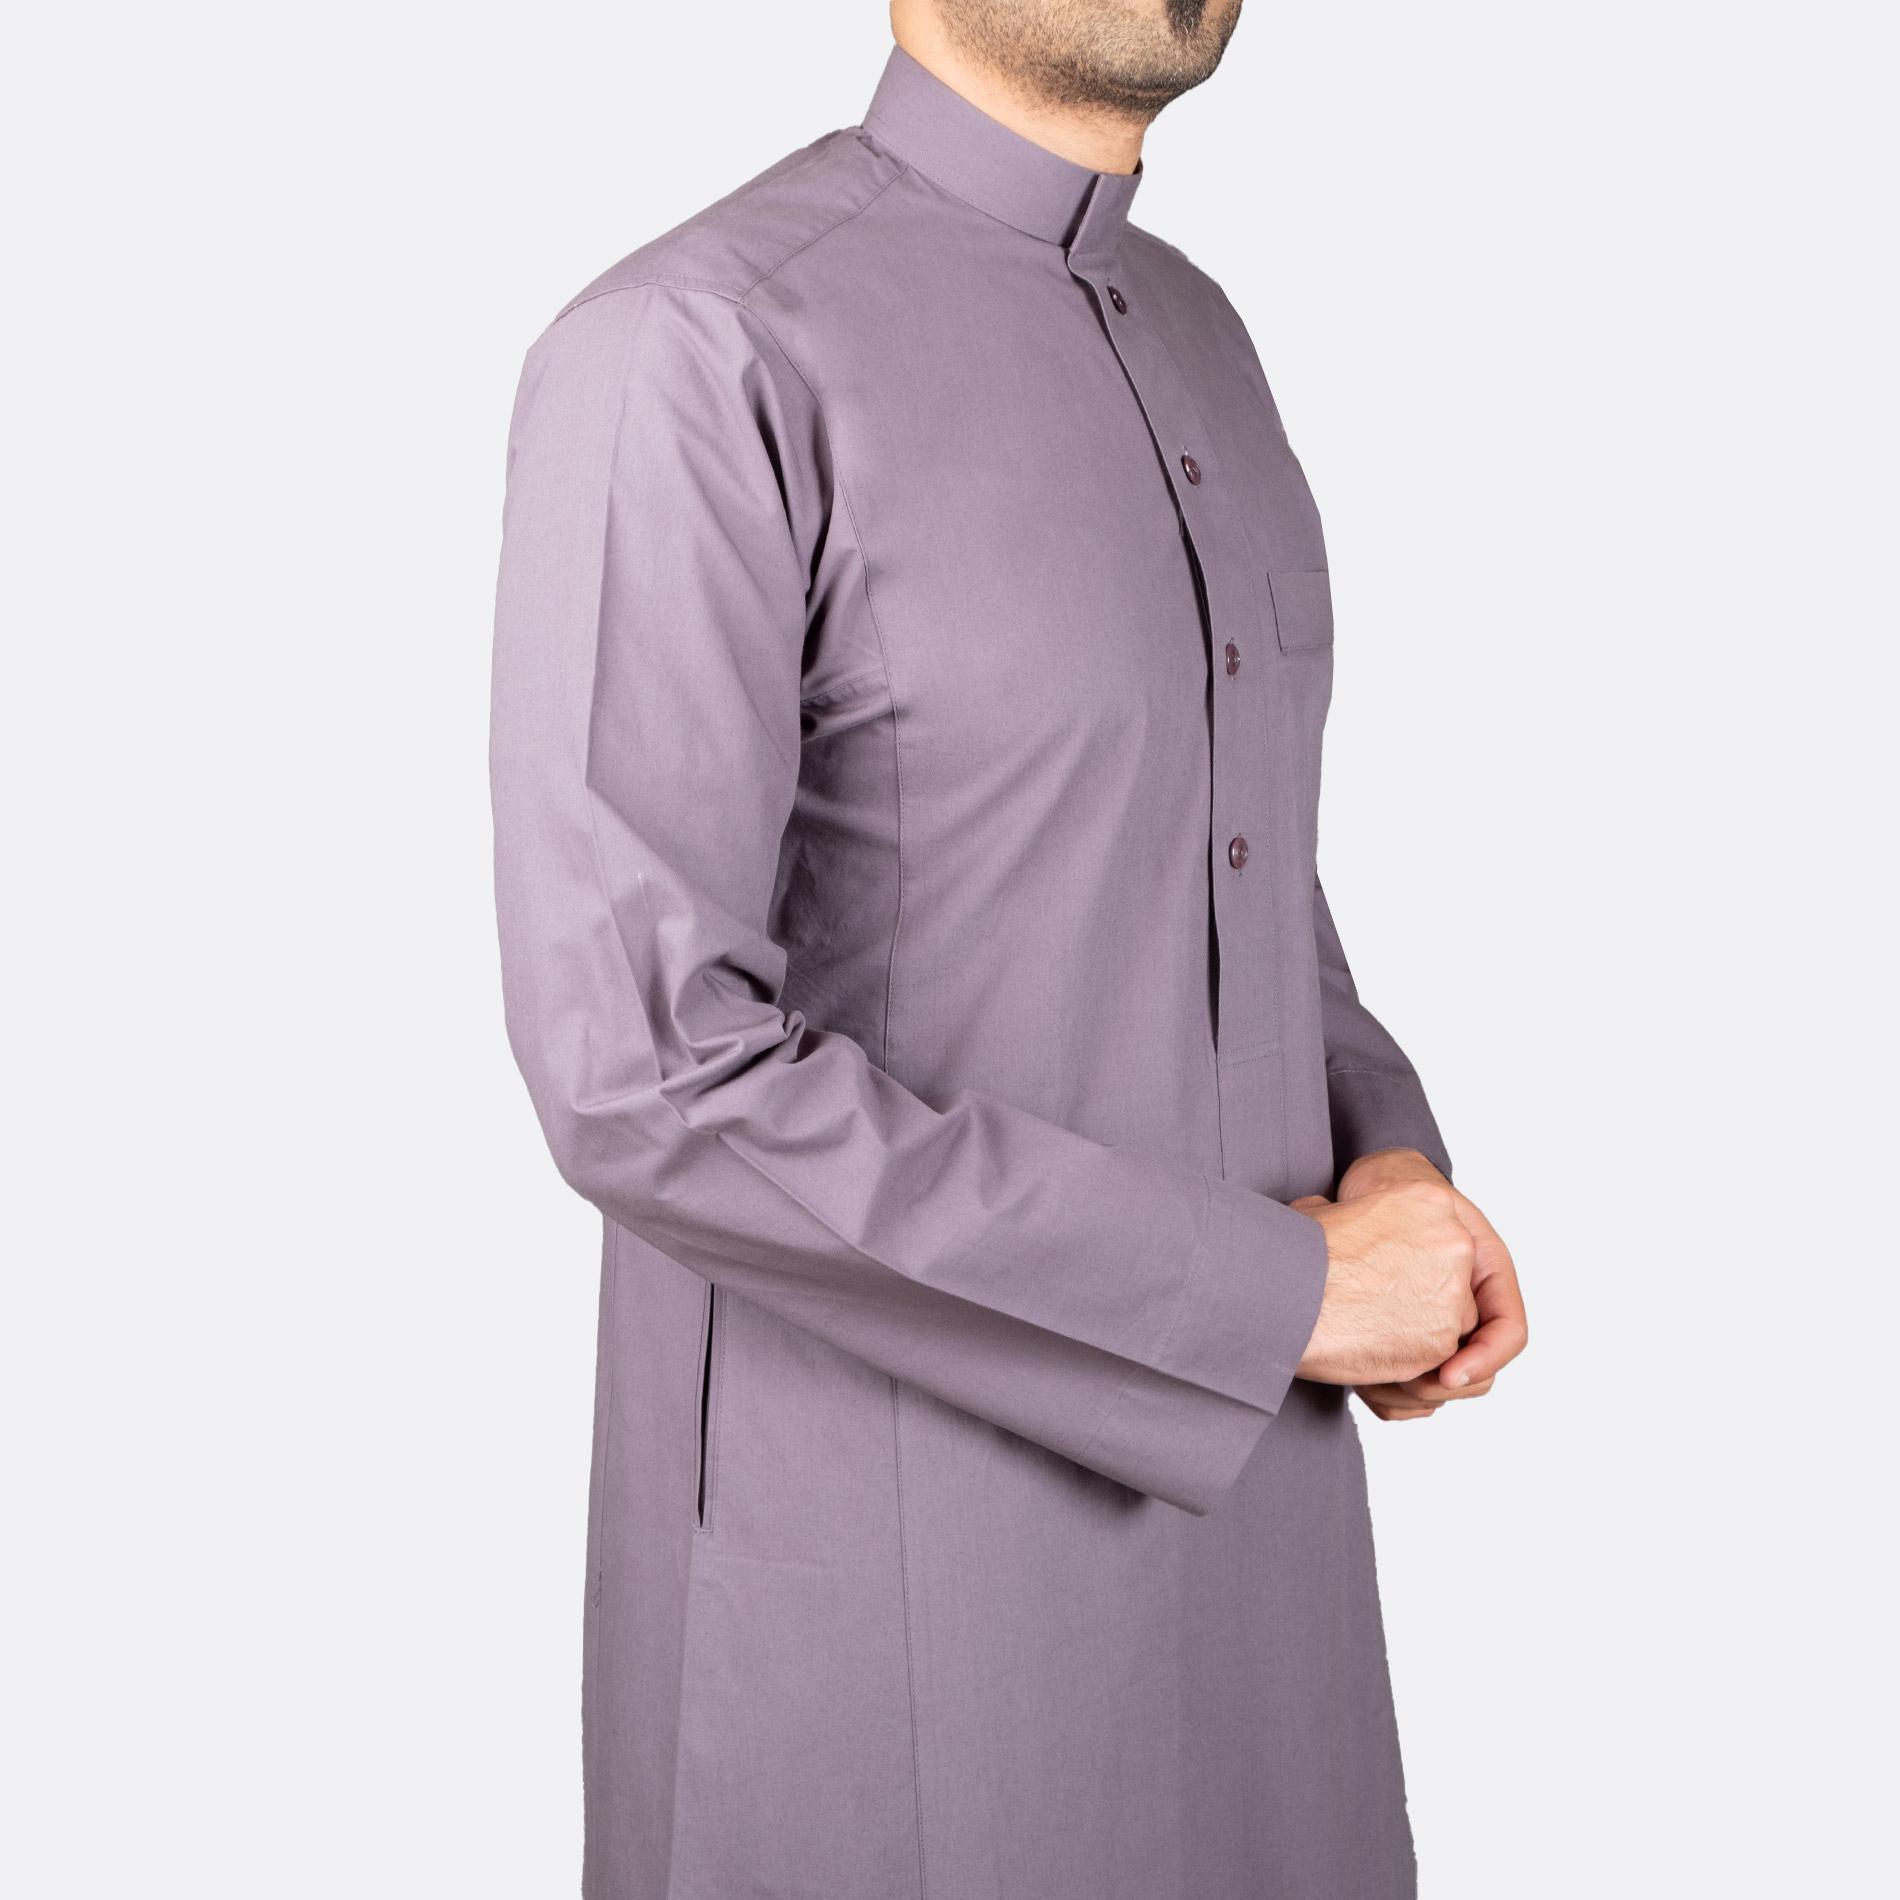 ثوب كلاسيكي قطن رمادي غامق